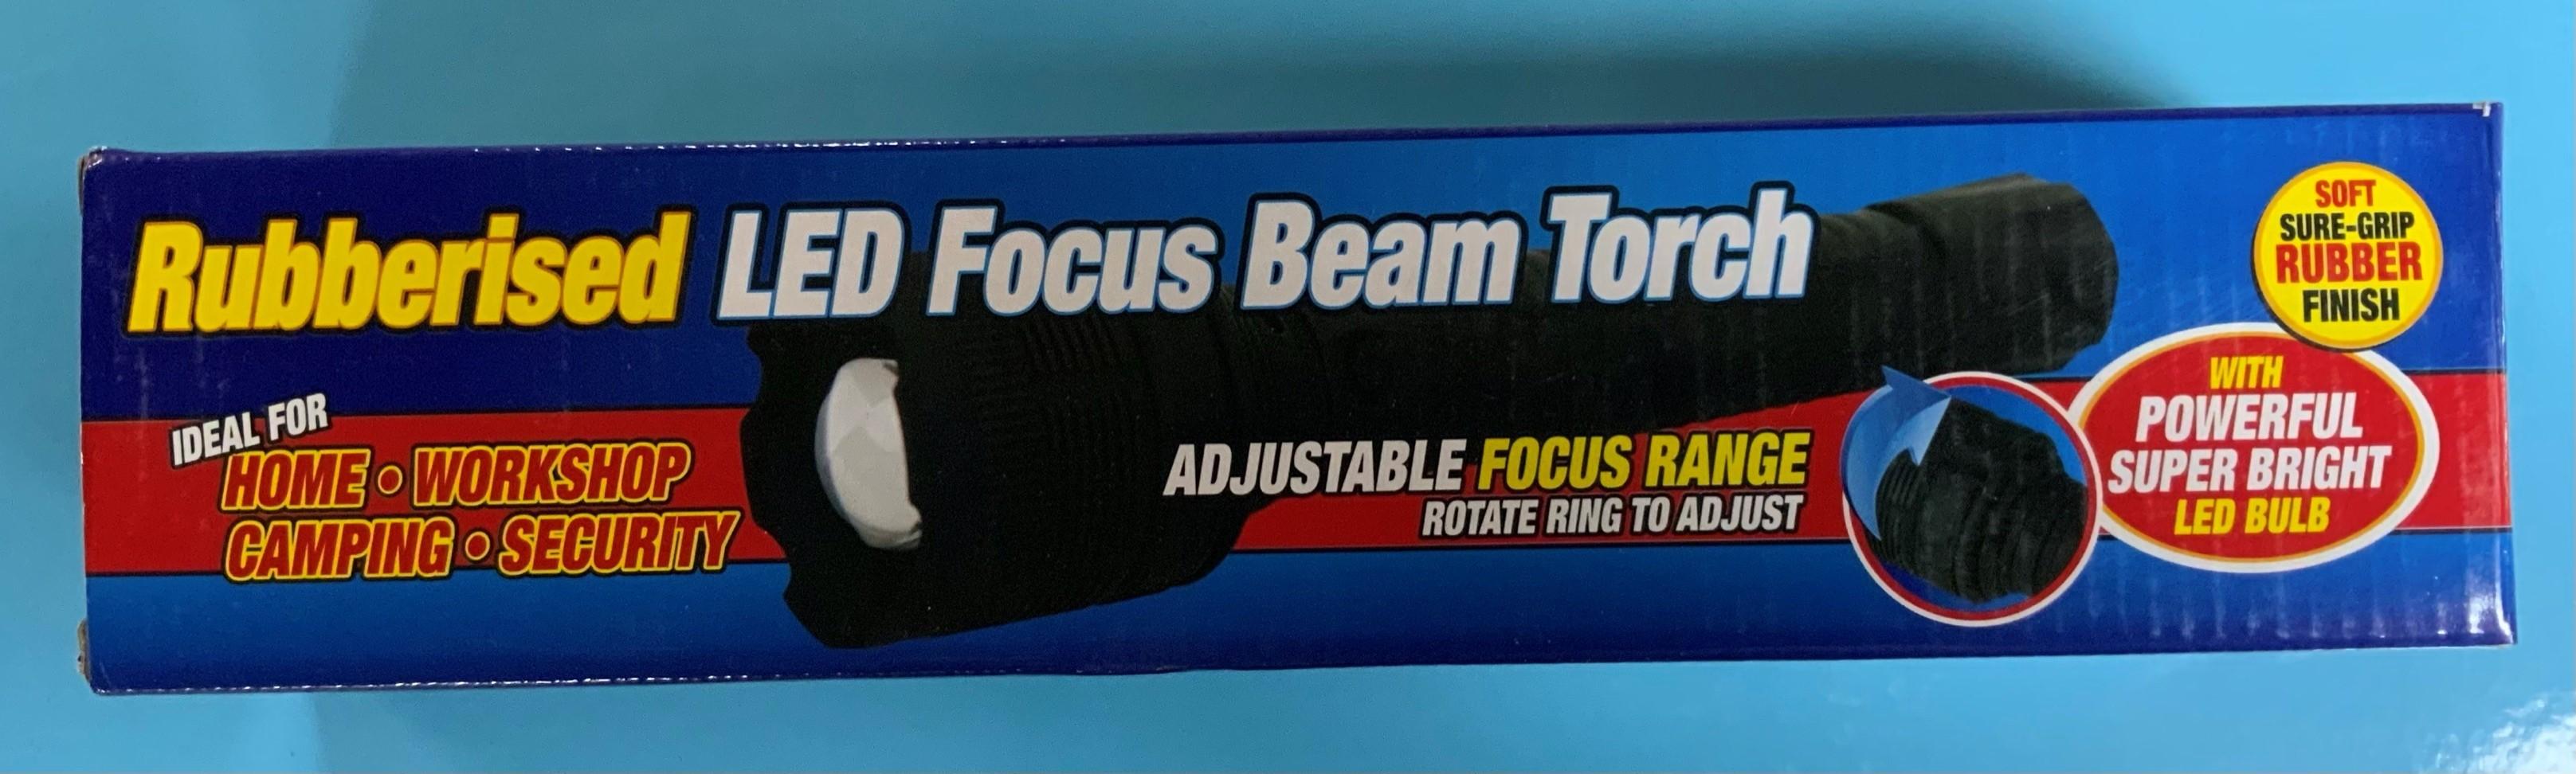 Rubberised LED Focus Beam Torch